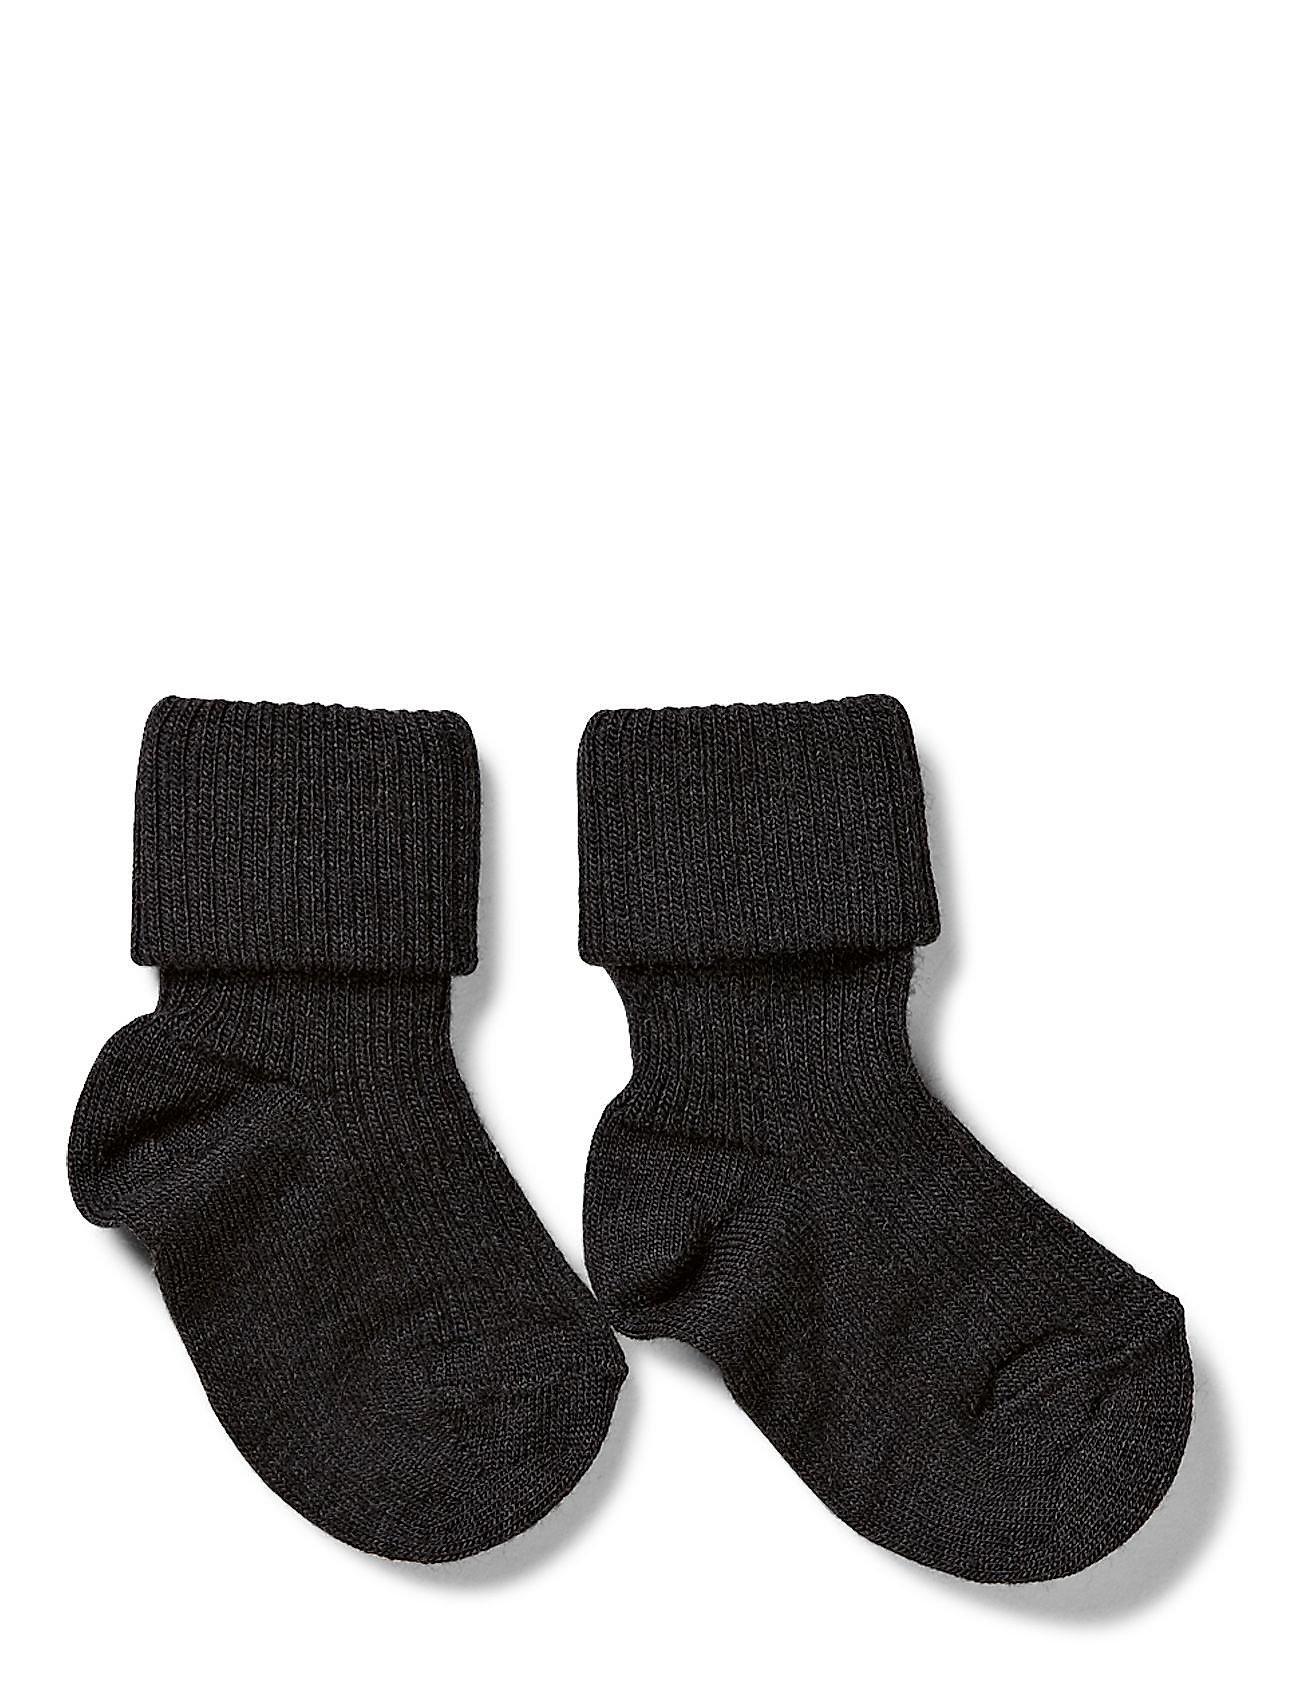 mp Denmark Ankle socks - baby